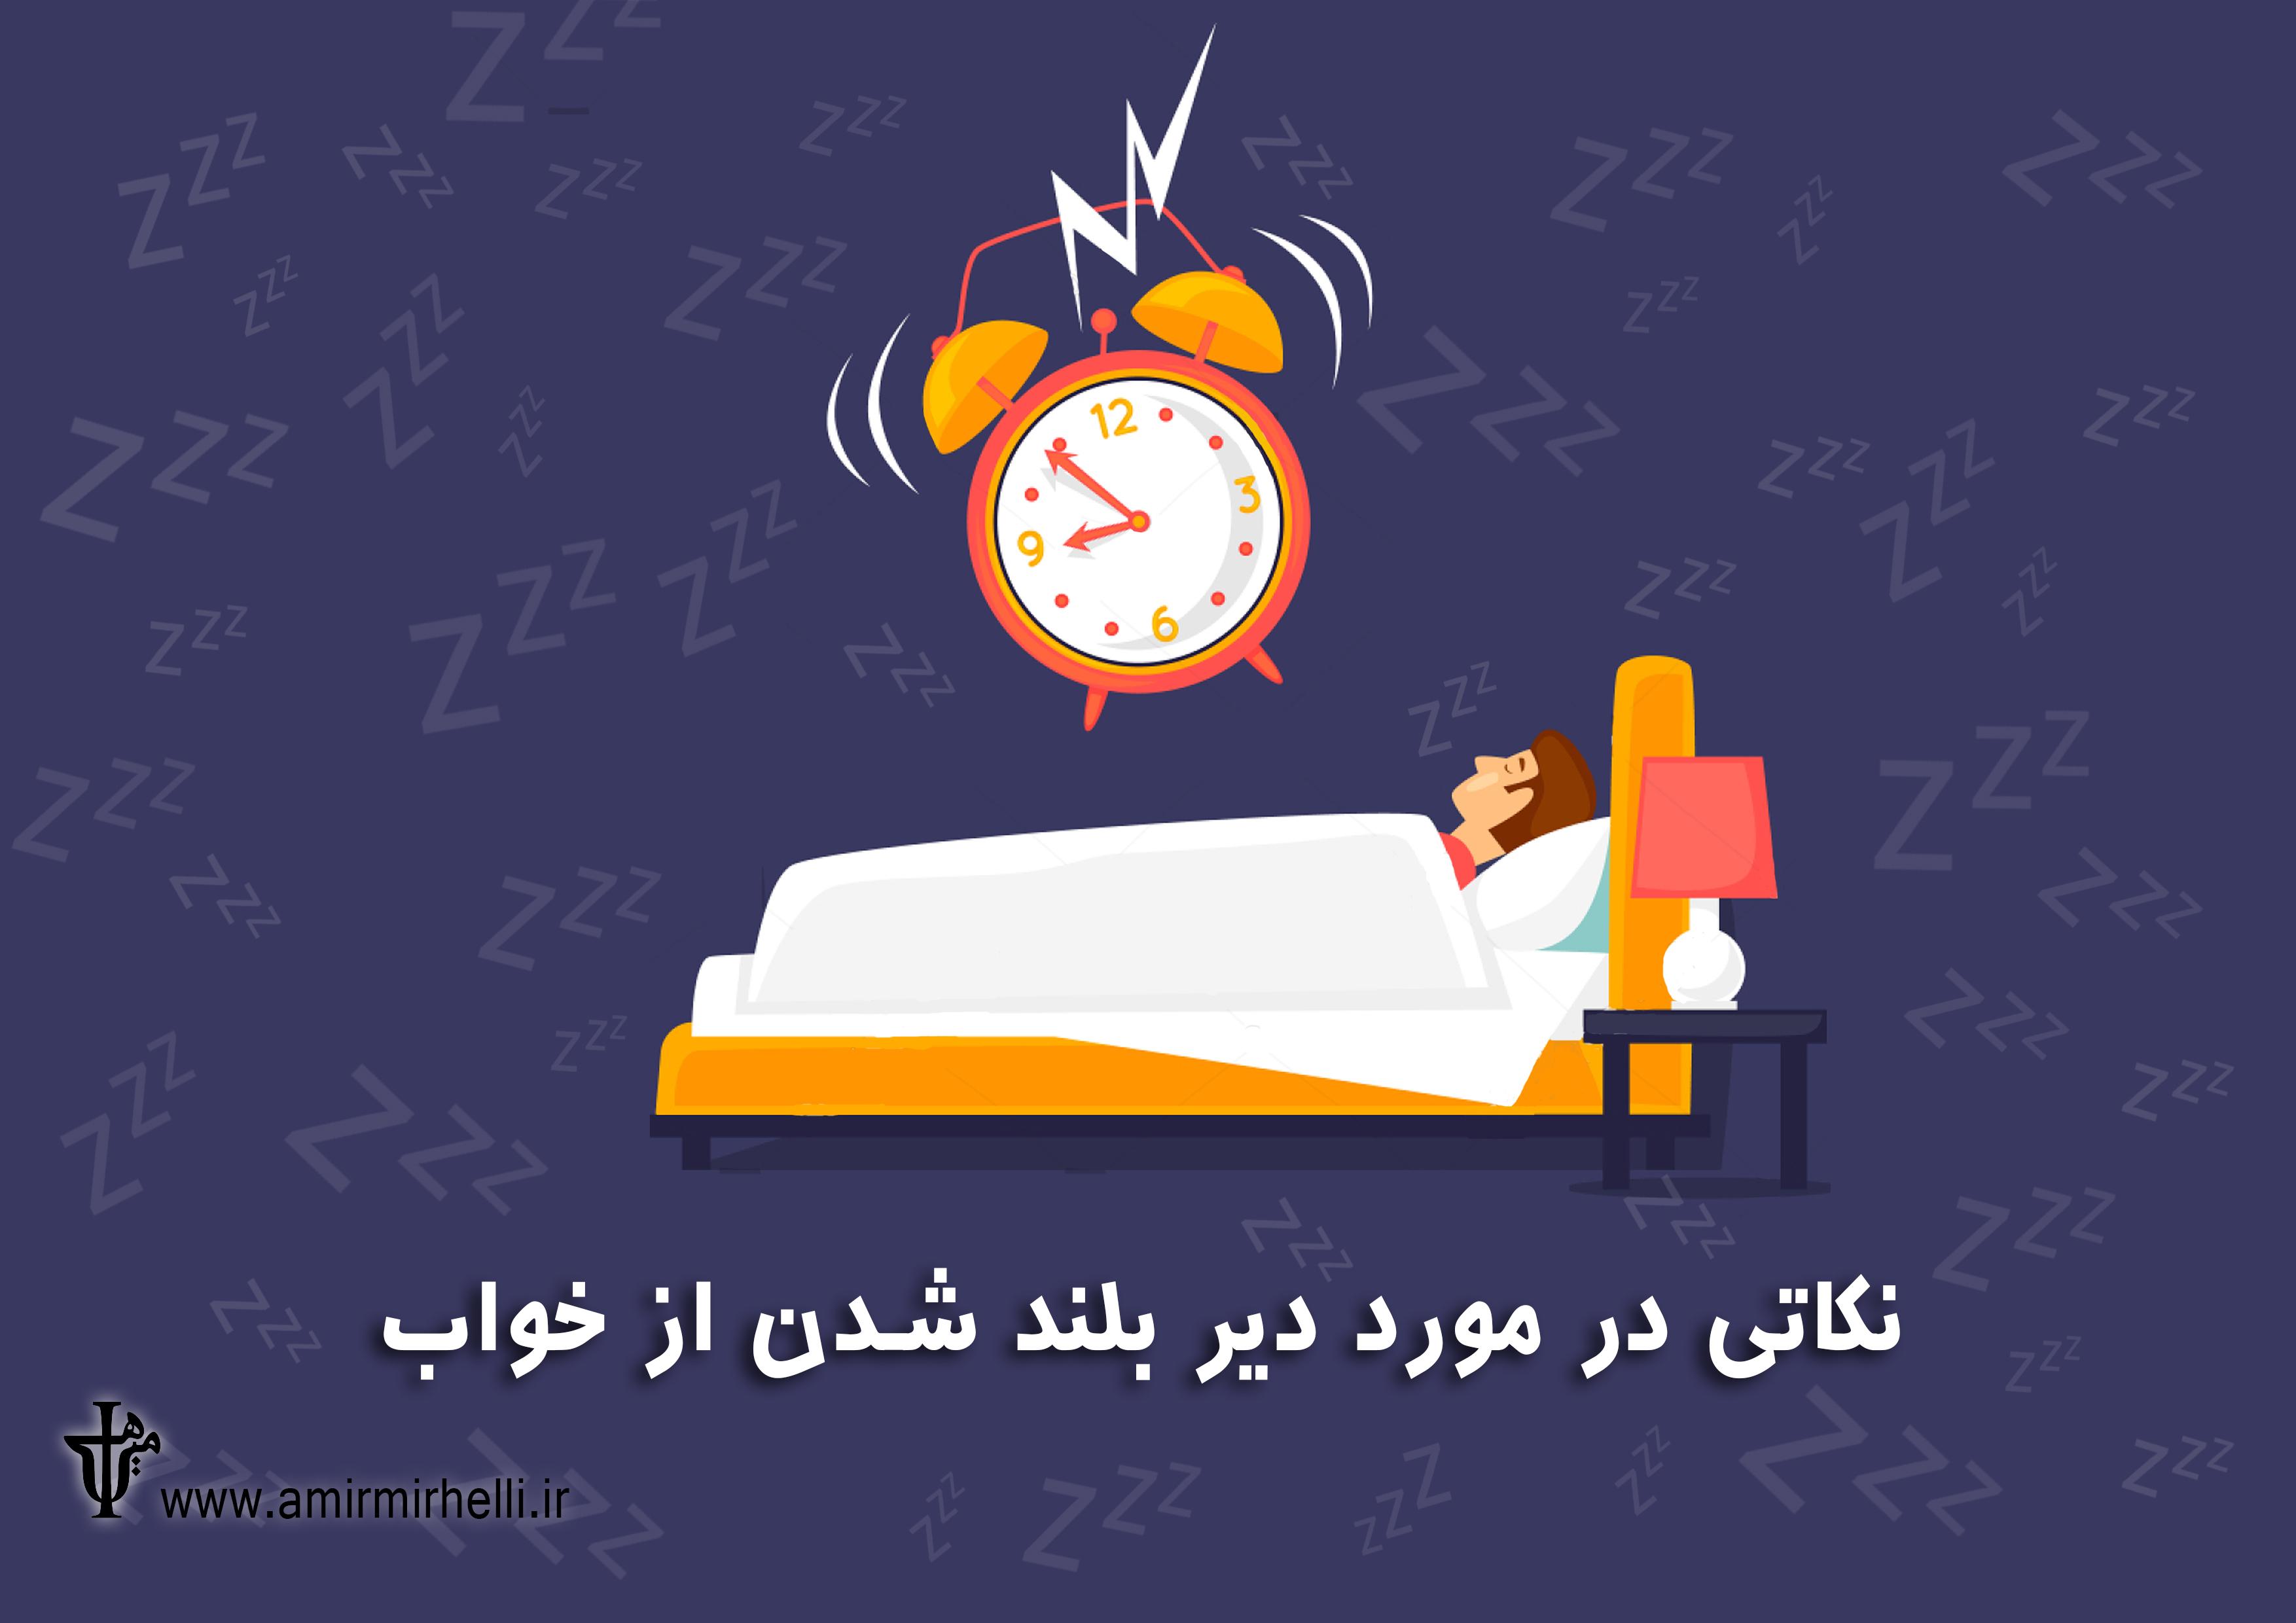 تنظیم خواب در سال کنکور و سحرخیزی